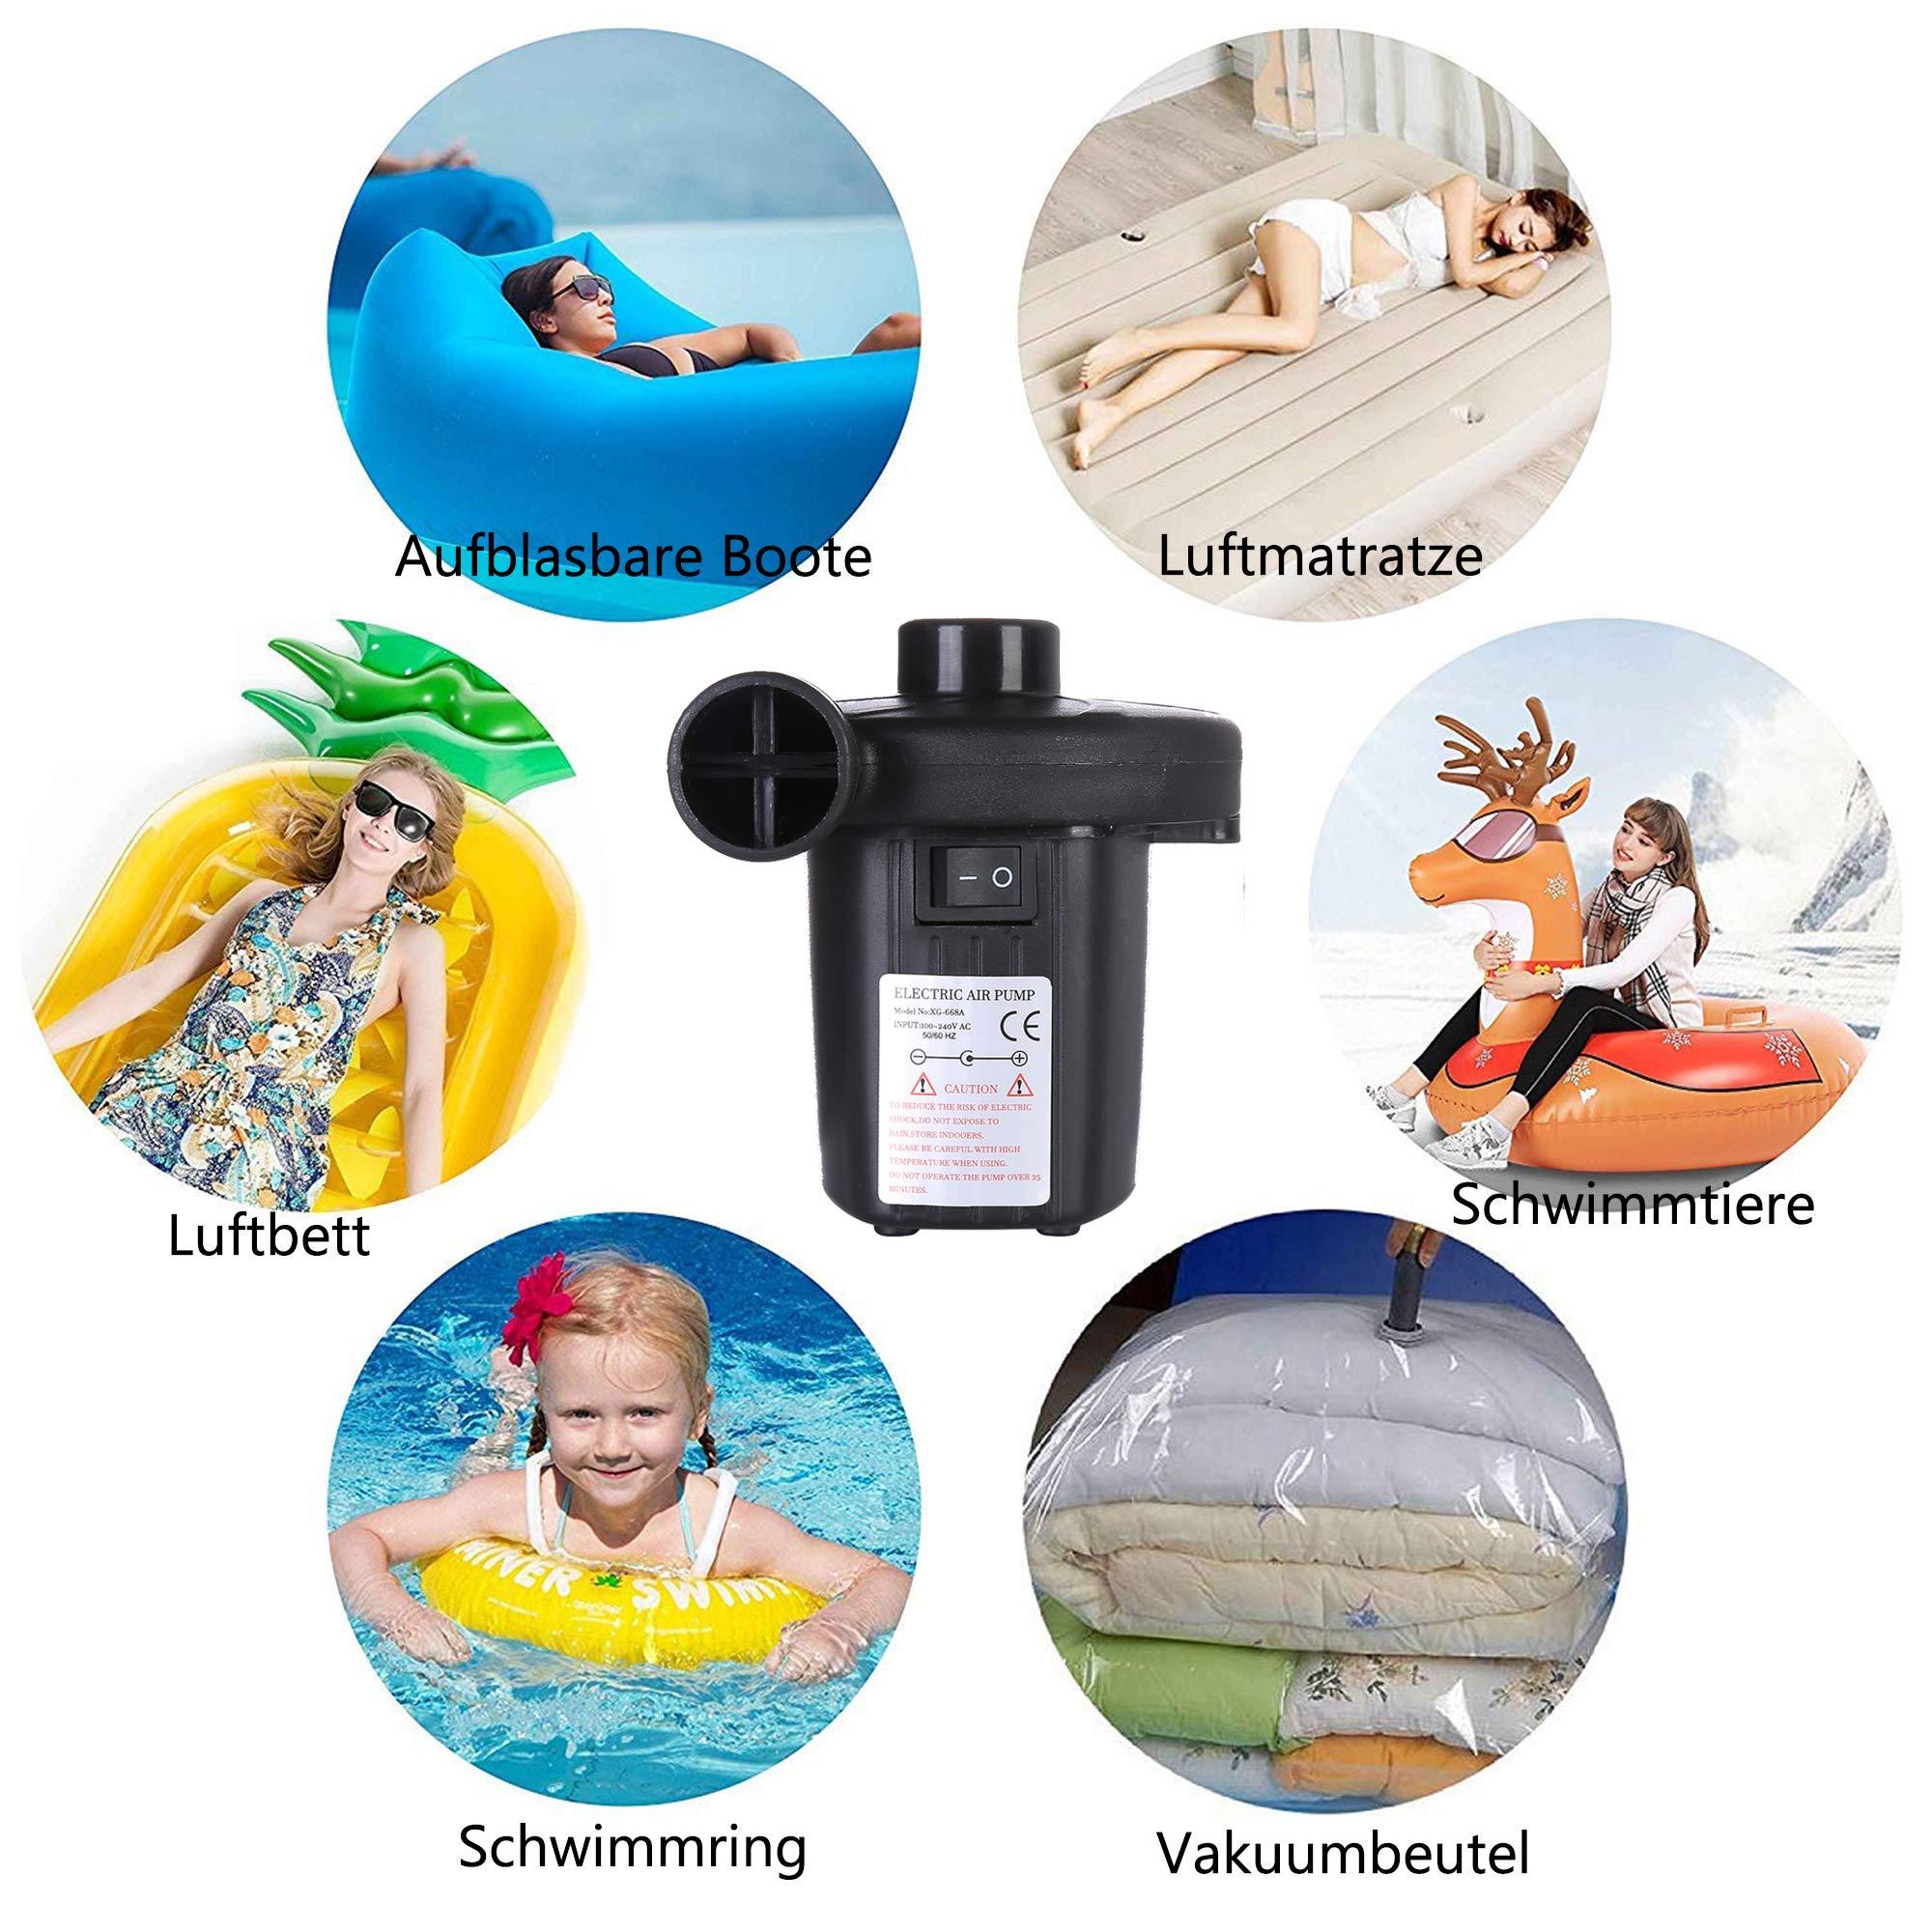 Elektrische Luftpumpe, Luftmatratze Pumpe 2 in 1 schnelles Auf/Abpumpen AC 100-240V/DC 12V, Elektropumpe mit 3 Aufsätzen für aufblasbares Matratze, Planschbecken, Zelt, Schlauchboote, Schwimmring